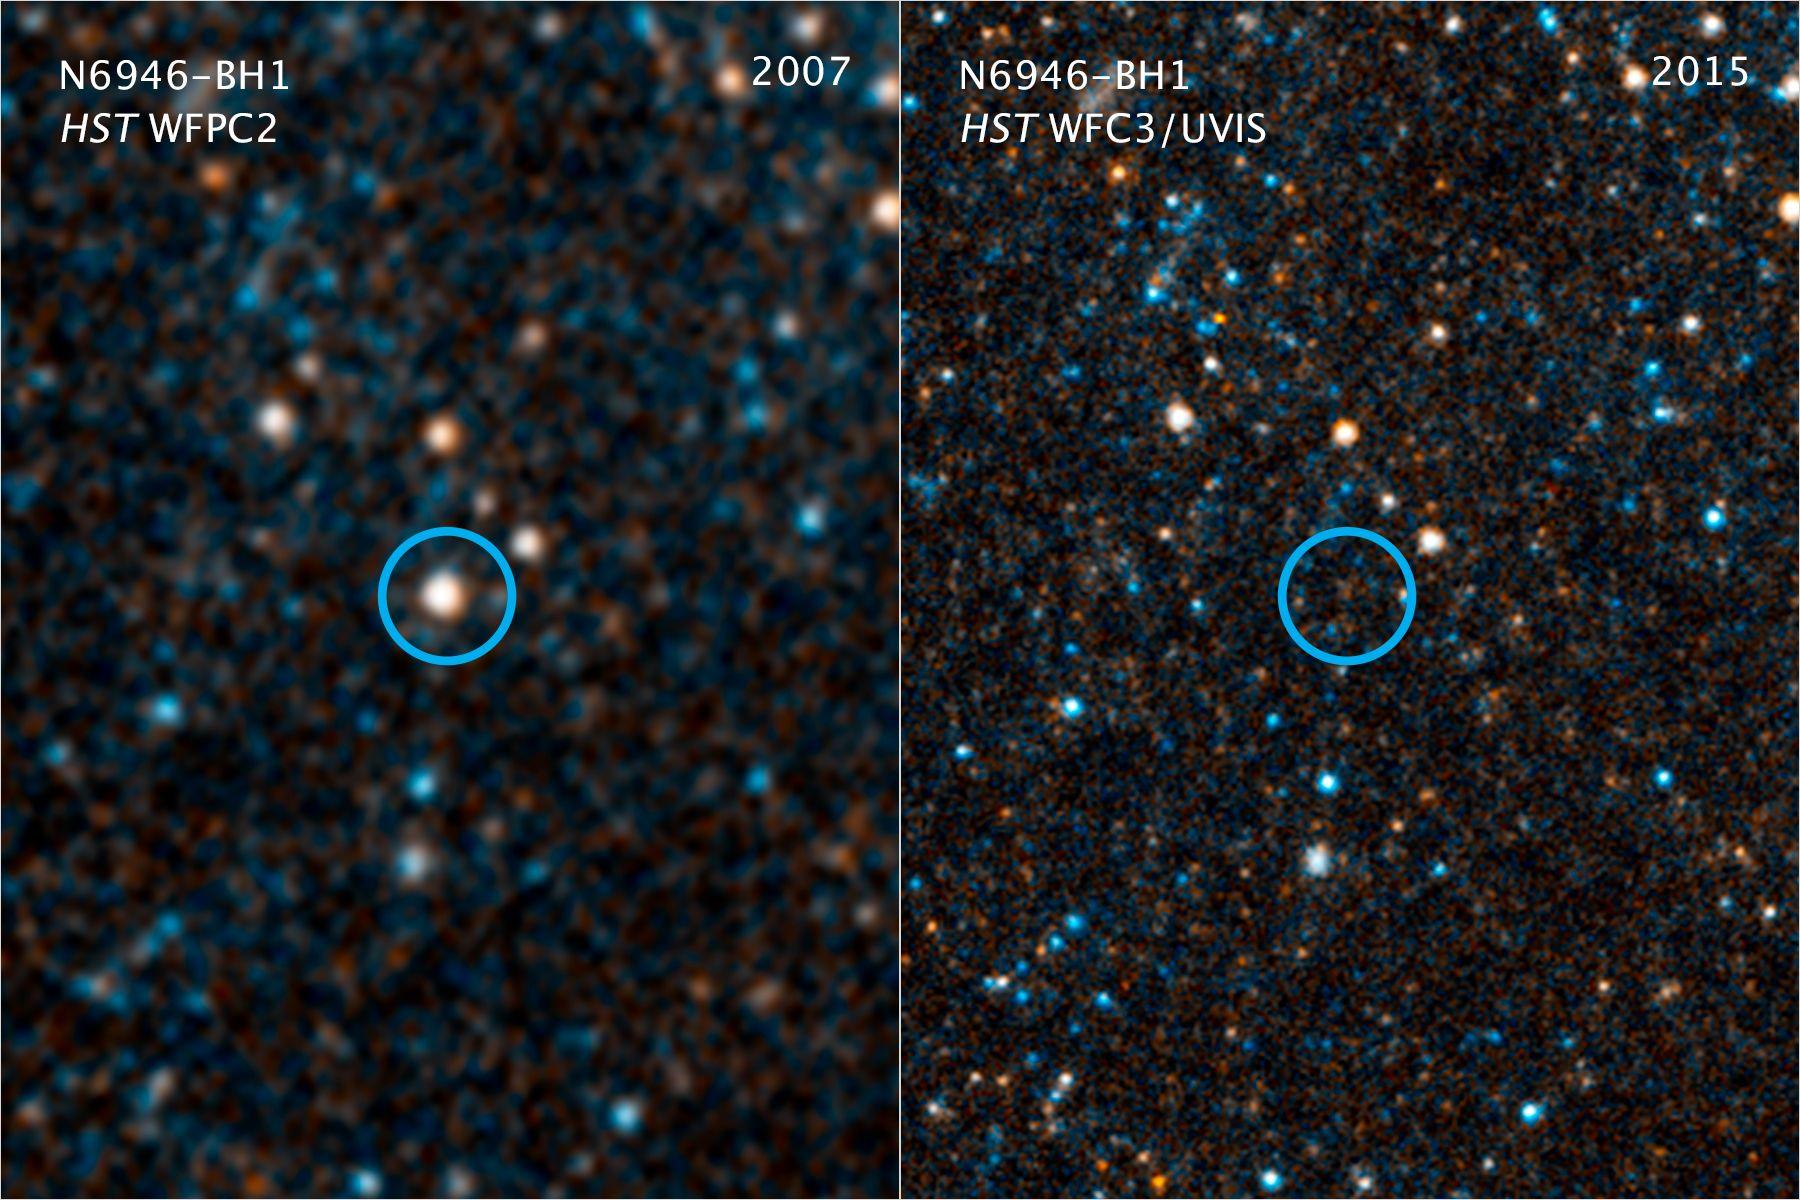 Звезда N6946-BH1 исчезла из Вселенной